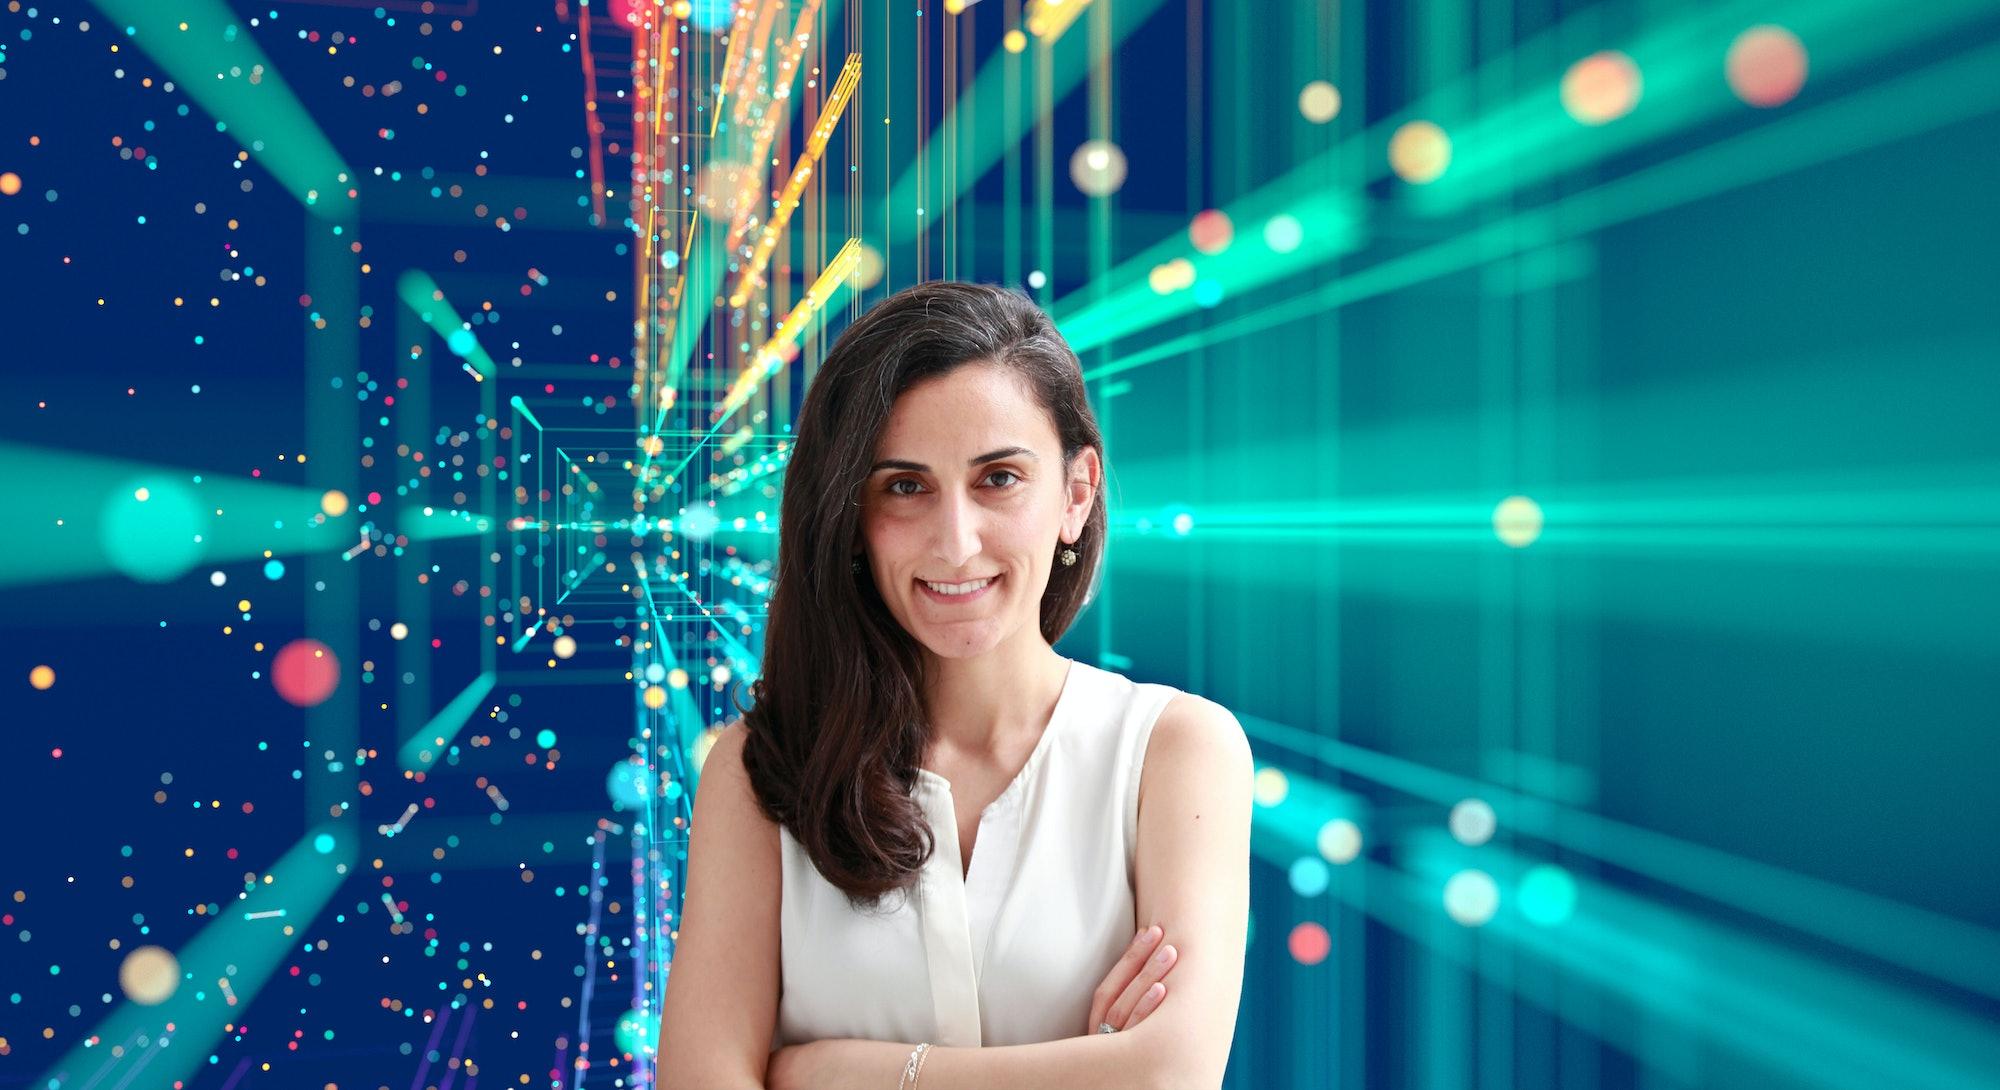 MIT Materials scientist Canan Dagdeviren